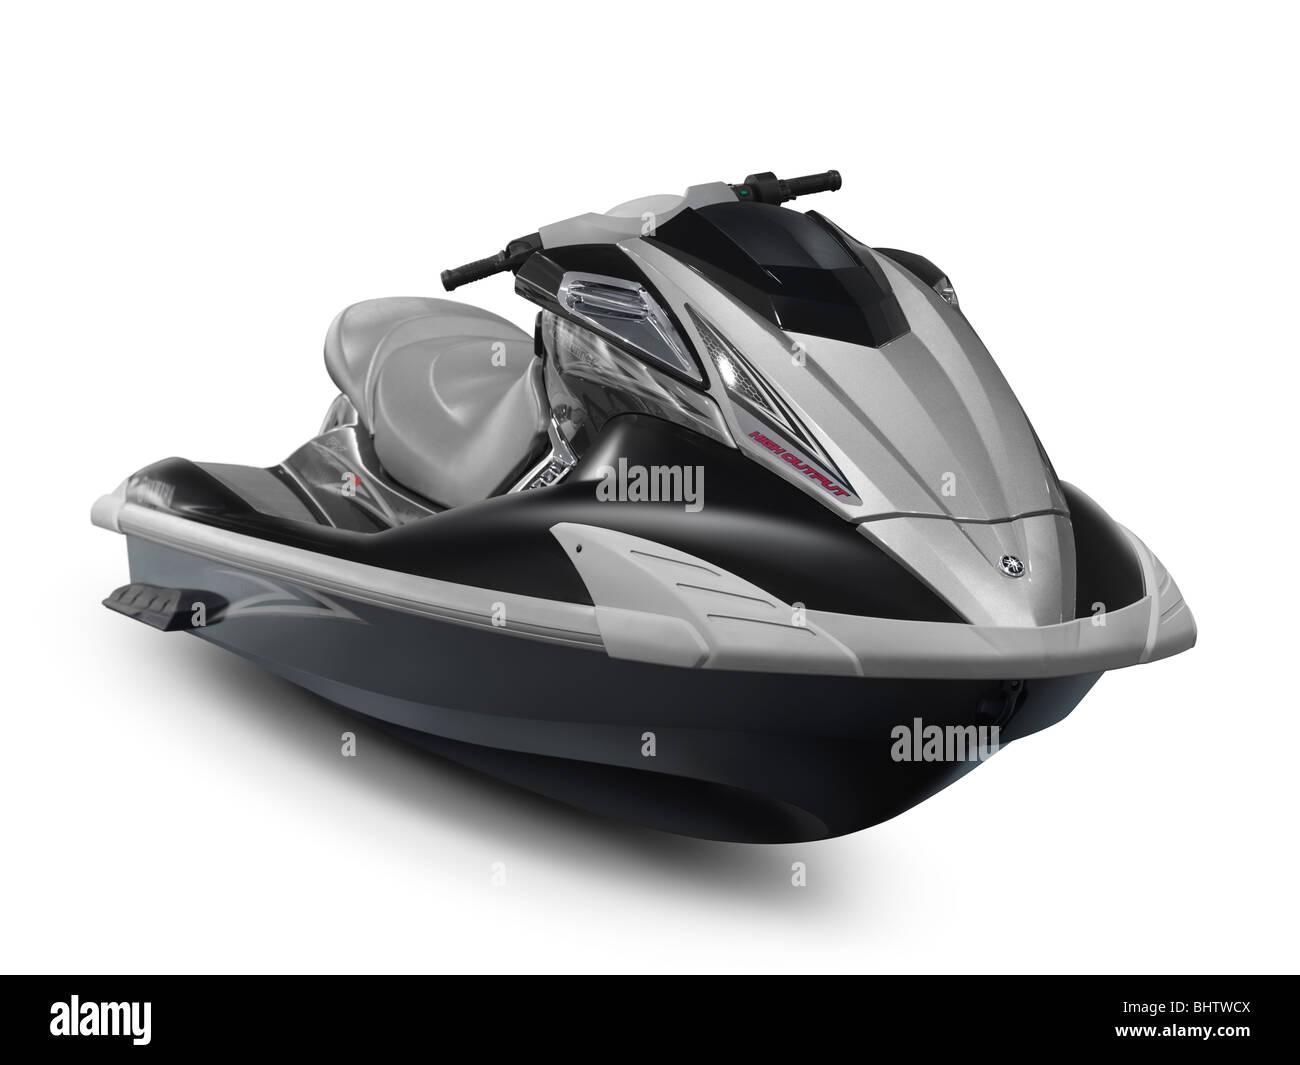 2010 Yamaha WaveRunner FX HO jetski isolated on white background with clipping path - Stock Image